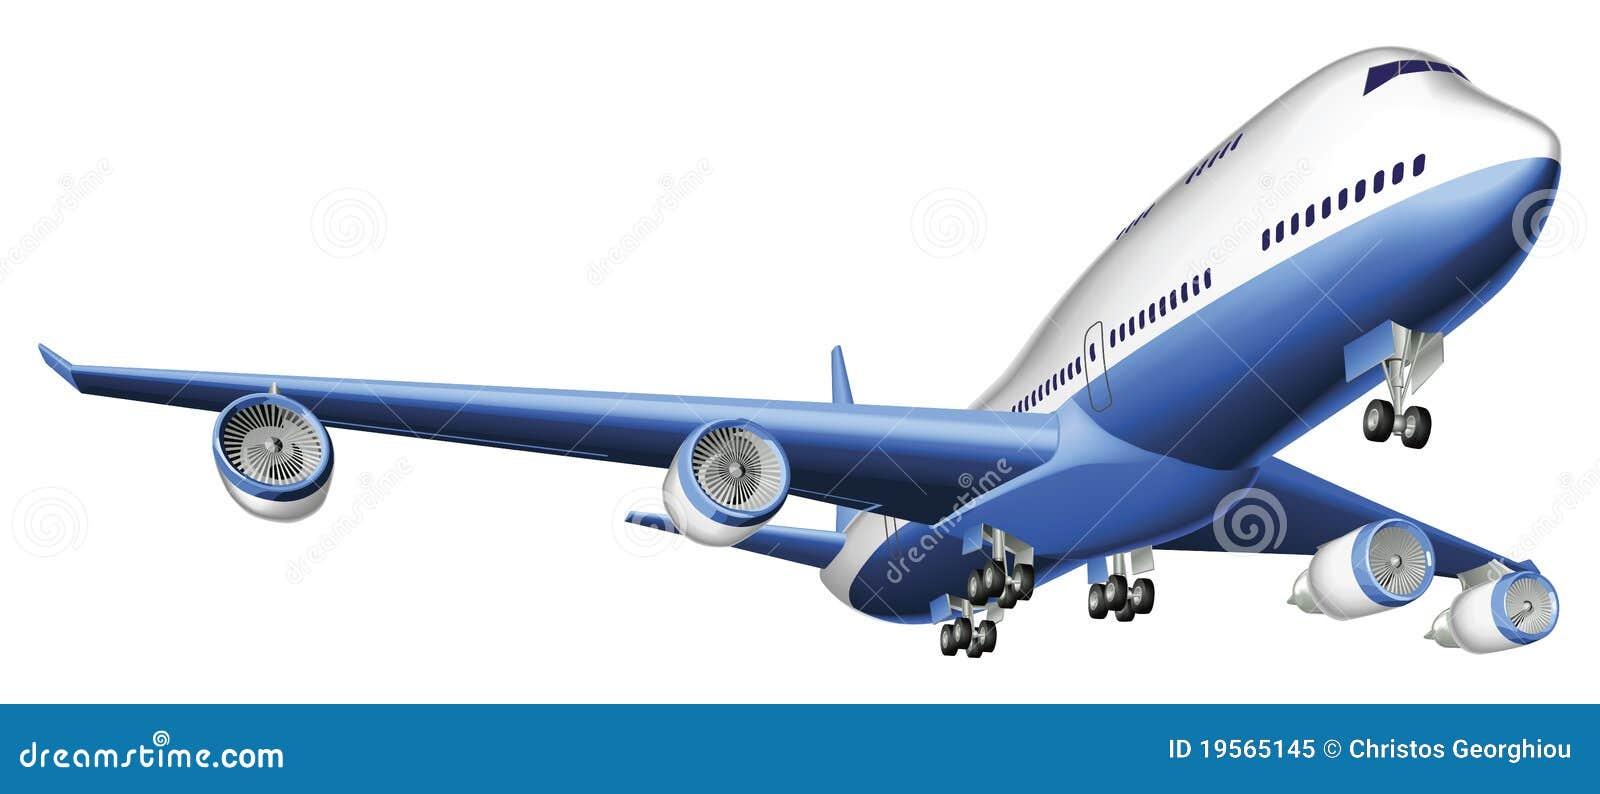 пассажирский самолет иллюстрации большой